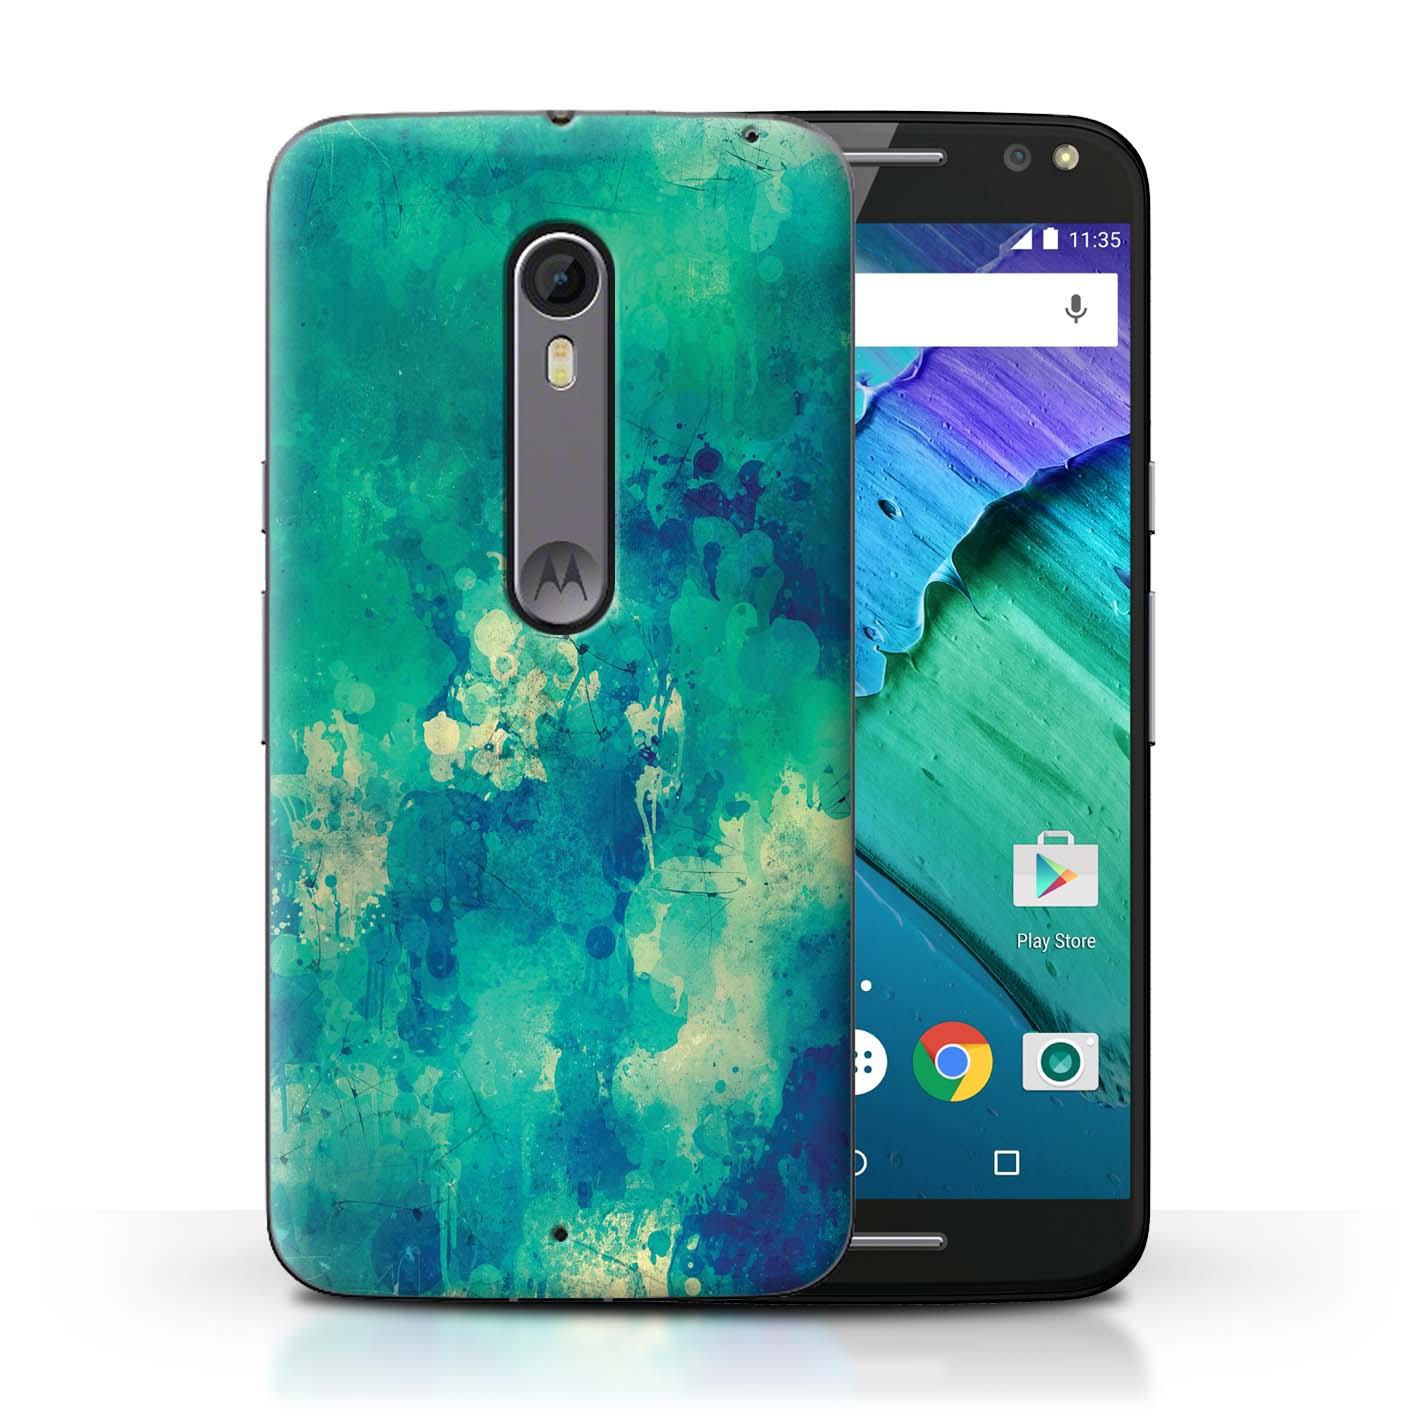 Coque-Etui-Housse-de-Stuff4-pour-Motorola-Moto-X-Pure-Edition-Mode-Sarcelle